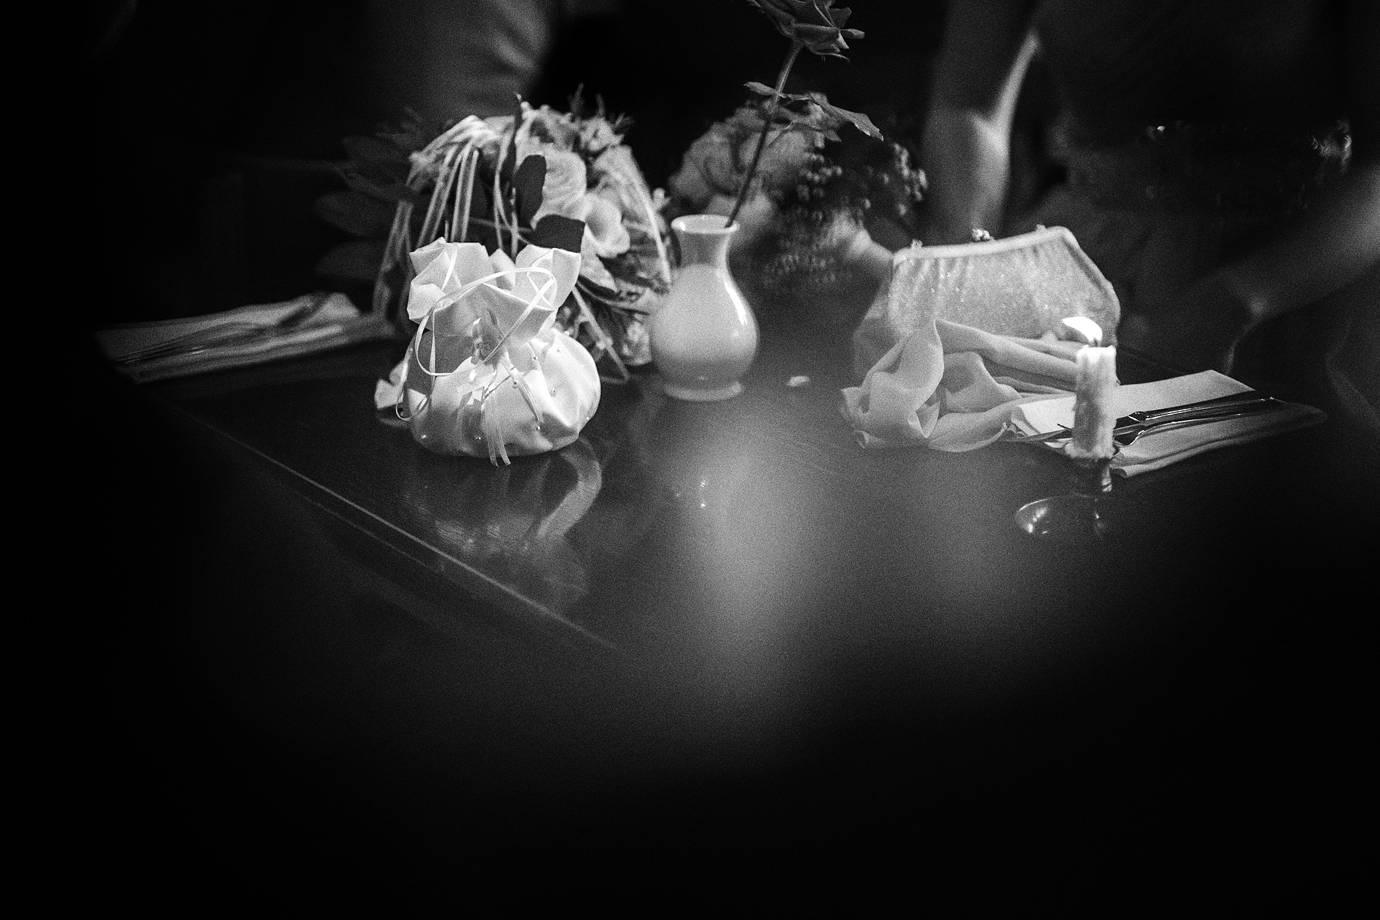 hochzeitsfotograf bremer rathaus 074 - Christine+Rico